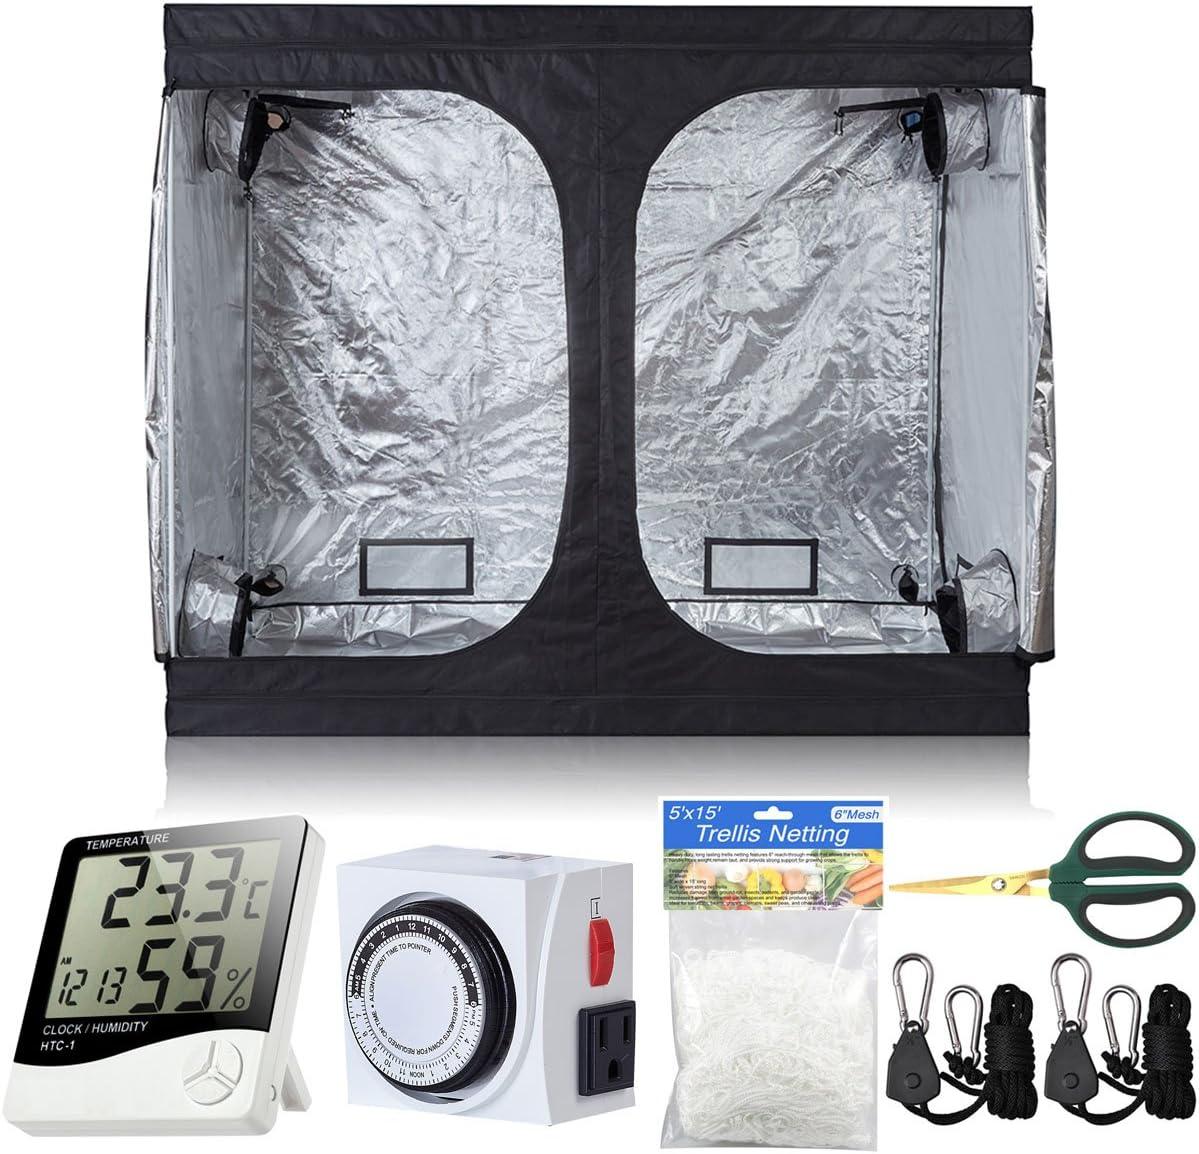 BloomGrow 96''x48''x80'' Grow OFFer Tent Room Floor Waterproof w Max 88% OFF Tray